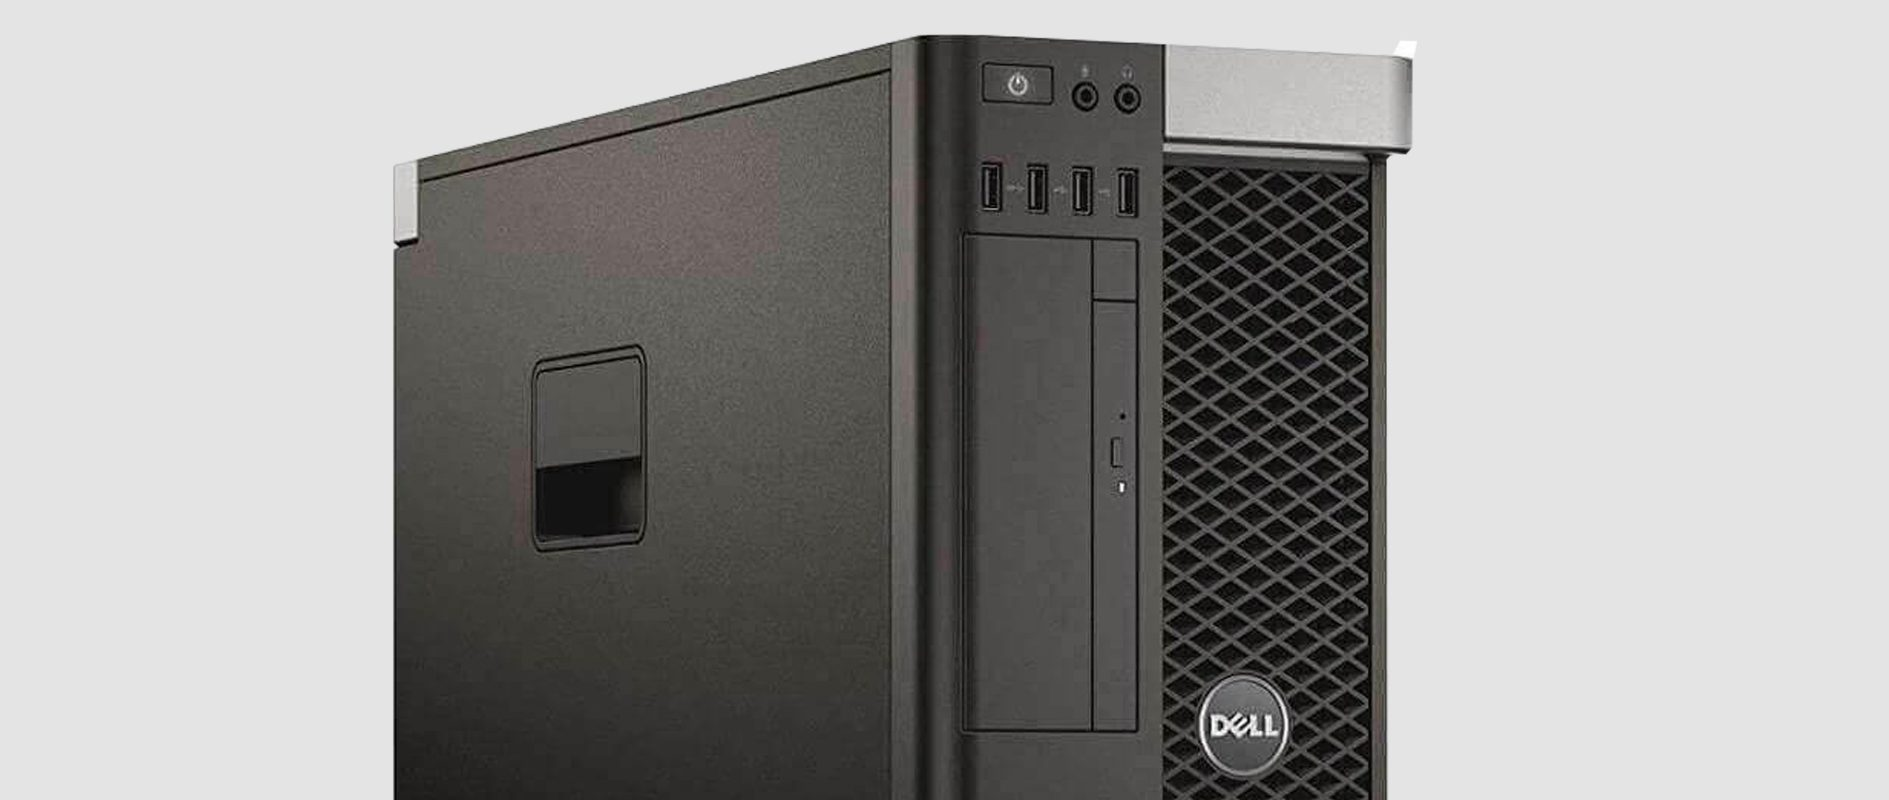 Dell T3610